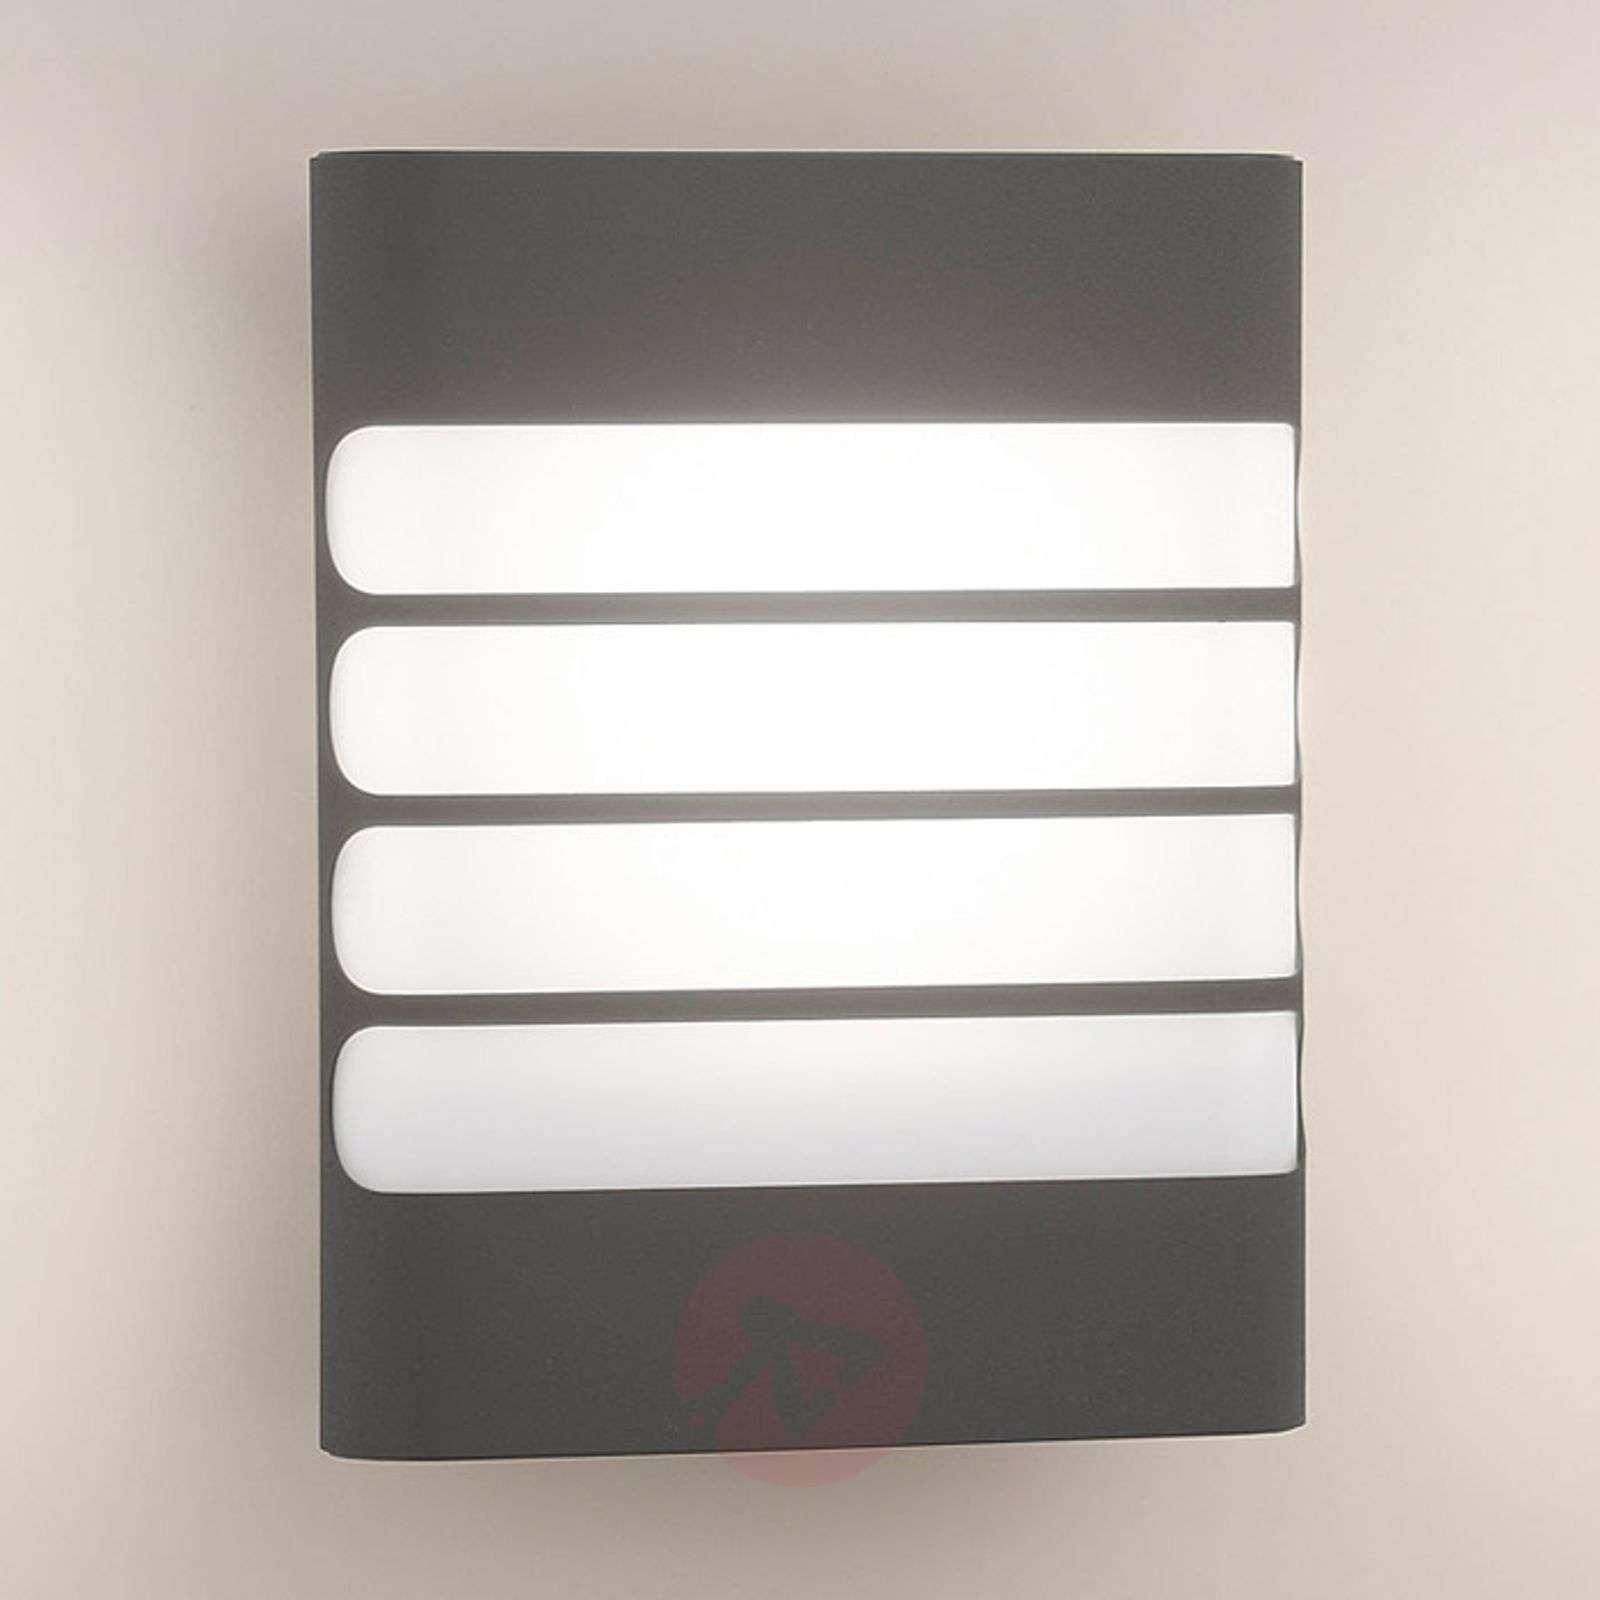 Antrasiitinvärinen LED-ulkoseinävalaisin Raccoon-7531565-01